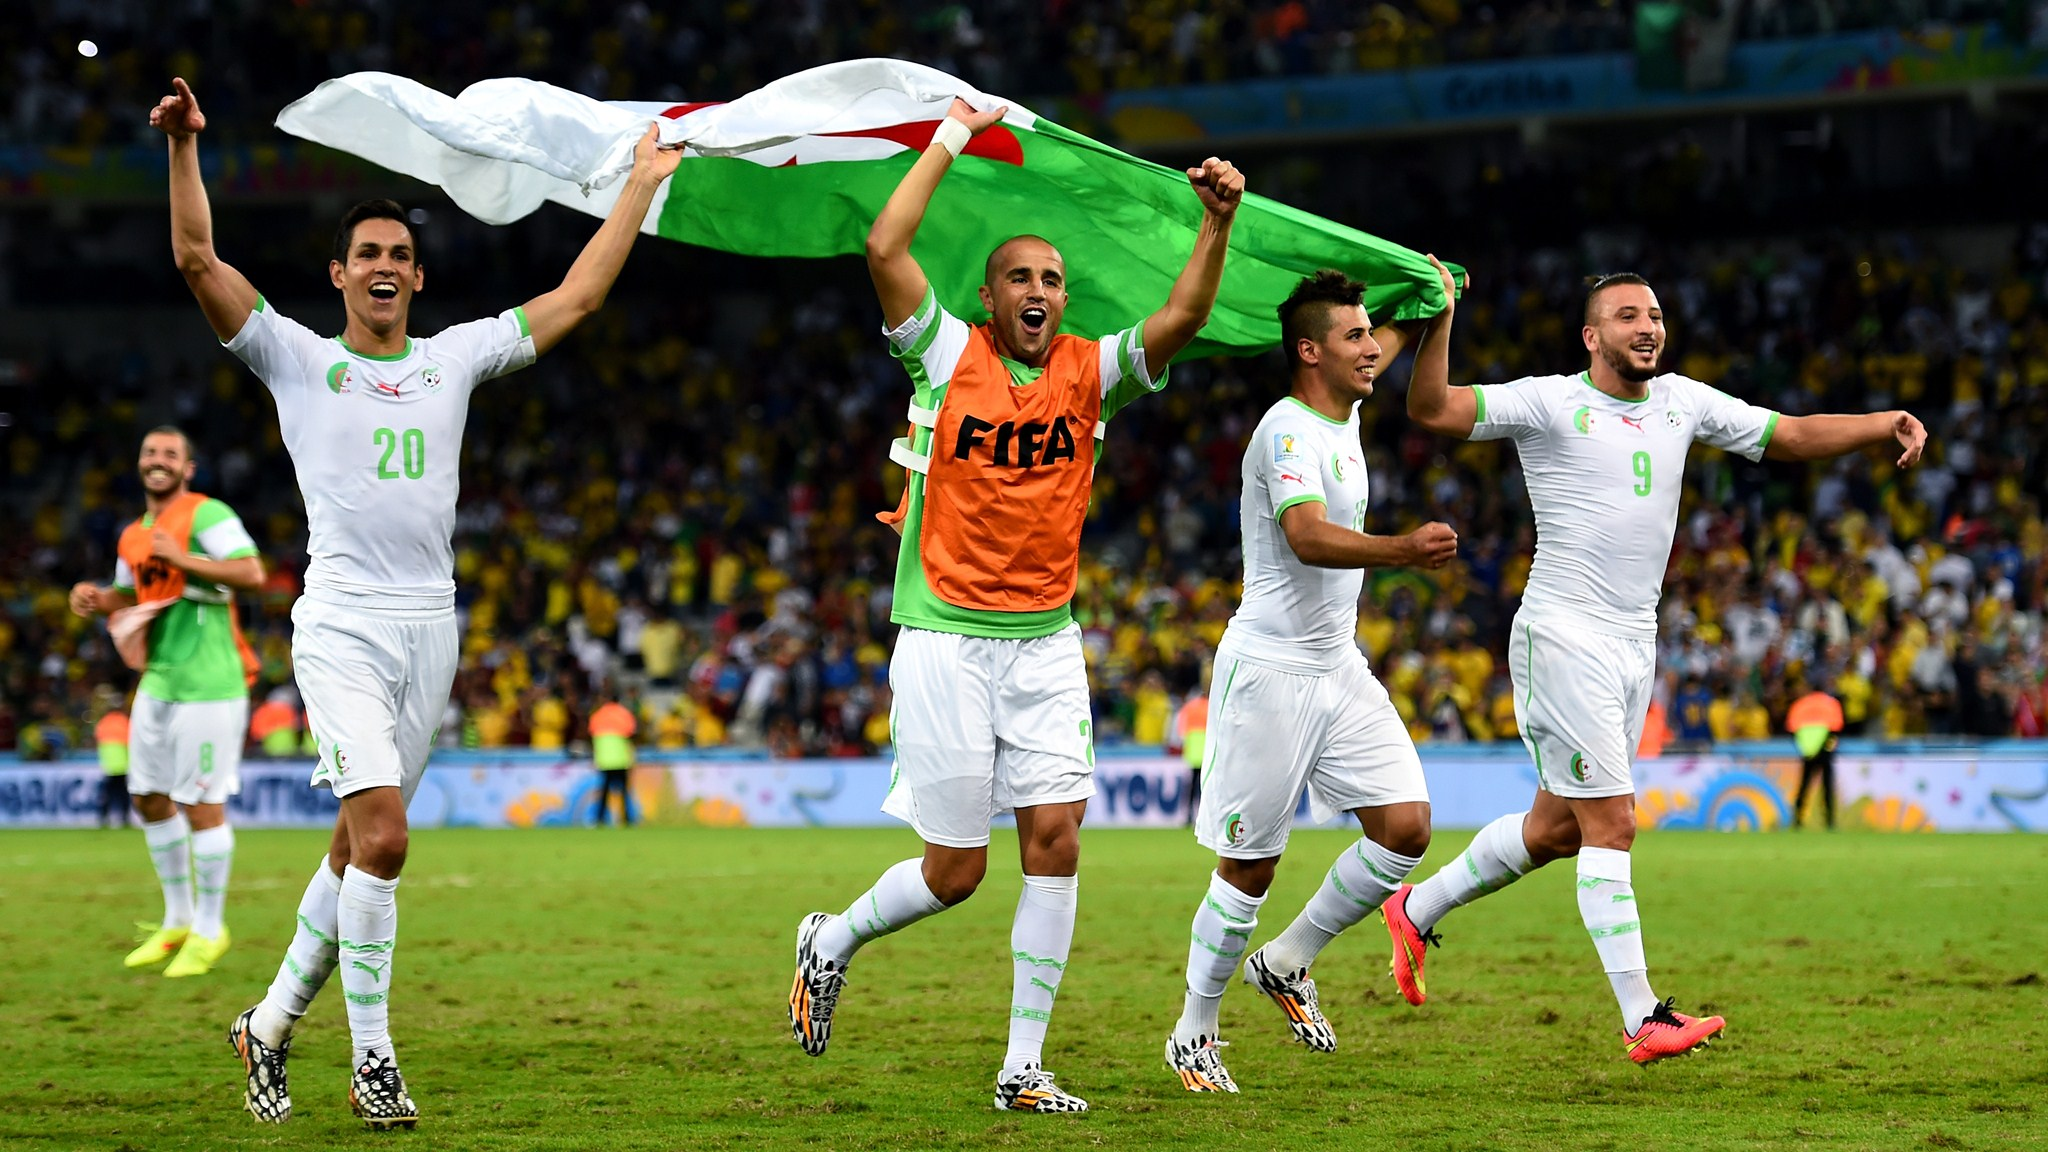 Смотреть футбол прямой транслятся 23 фотография